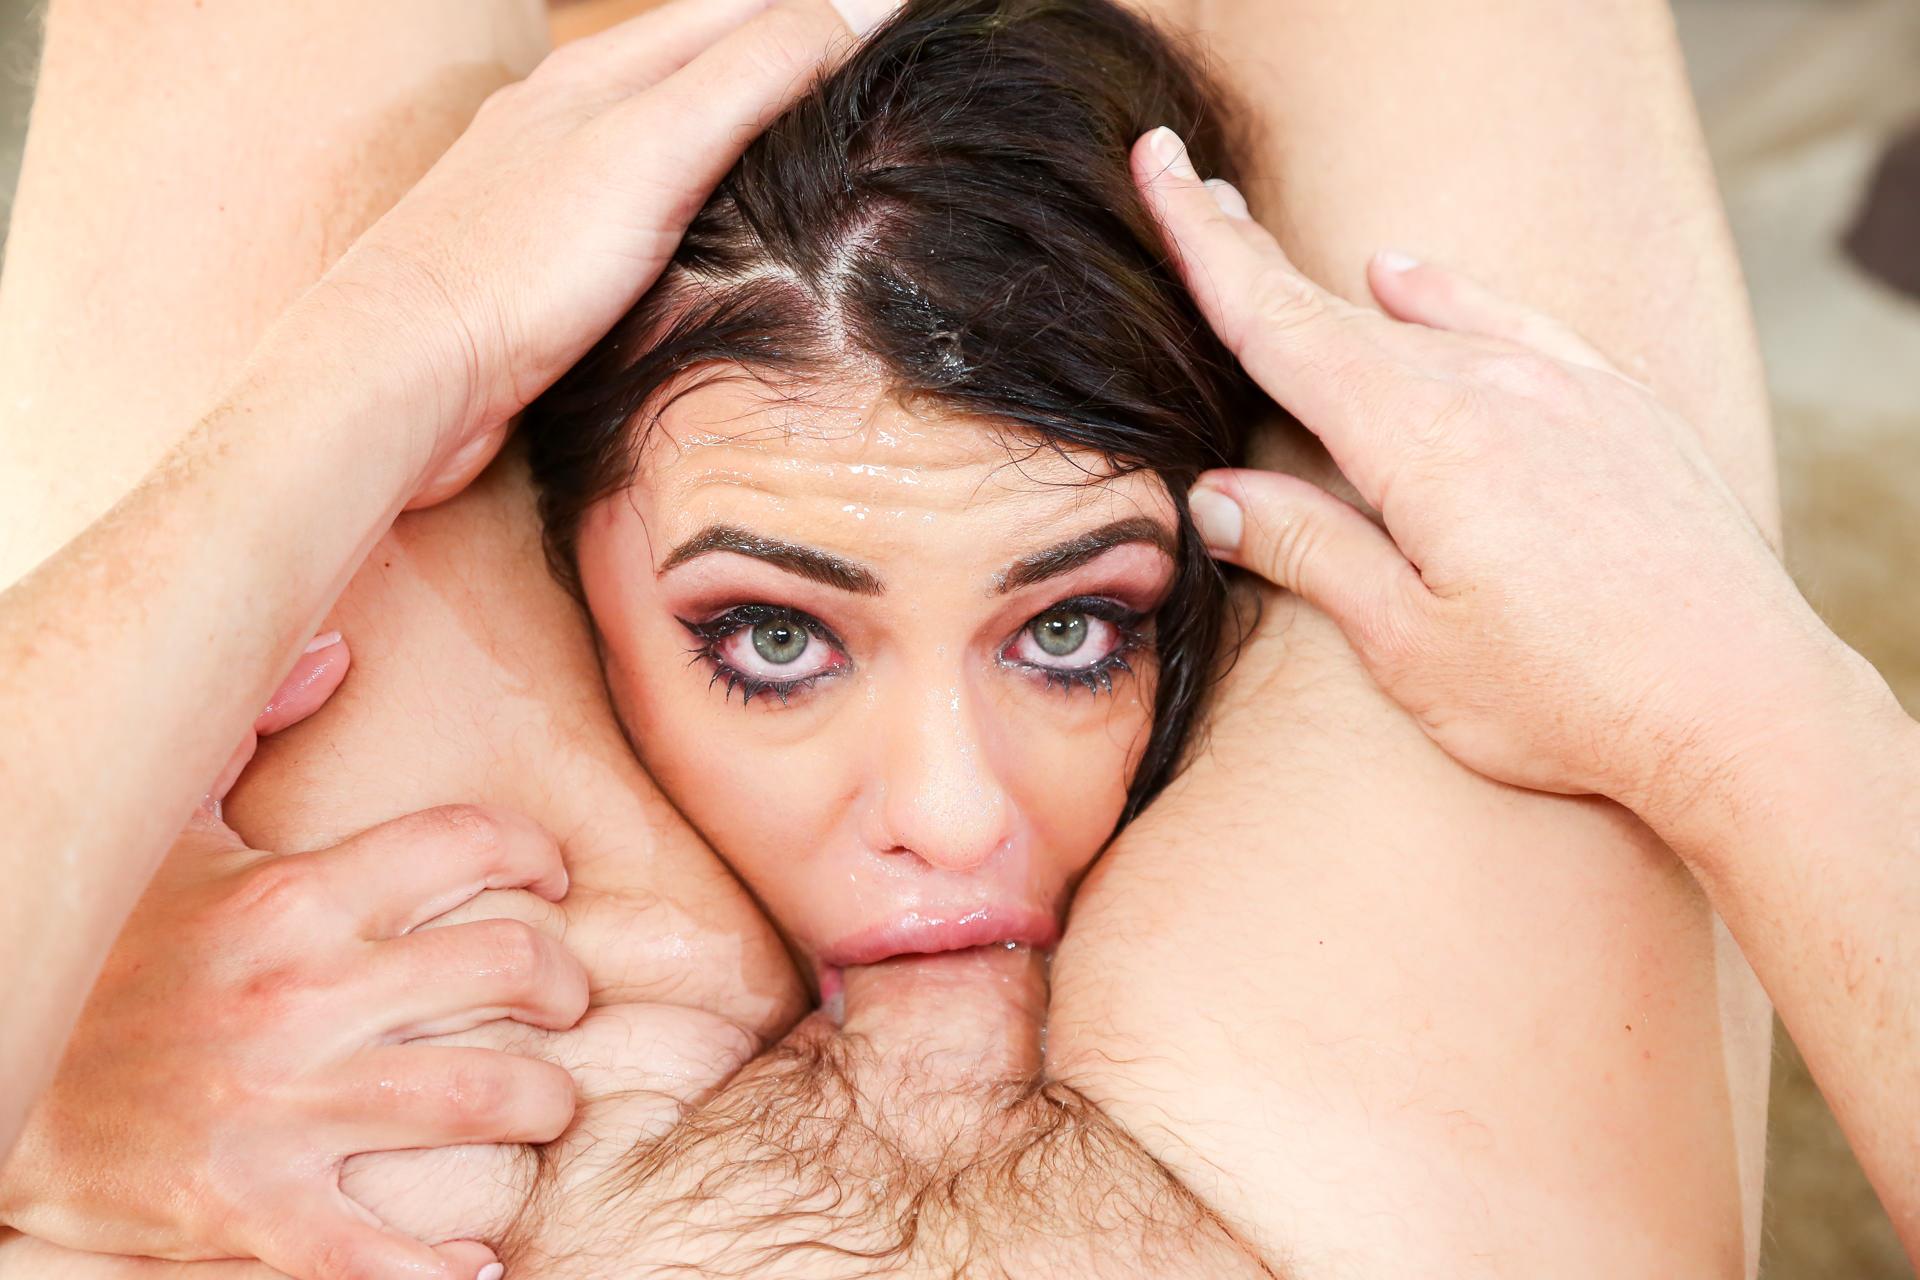 Adriana chechik deepthroat